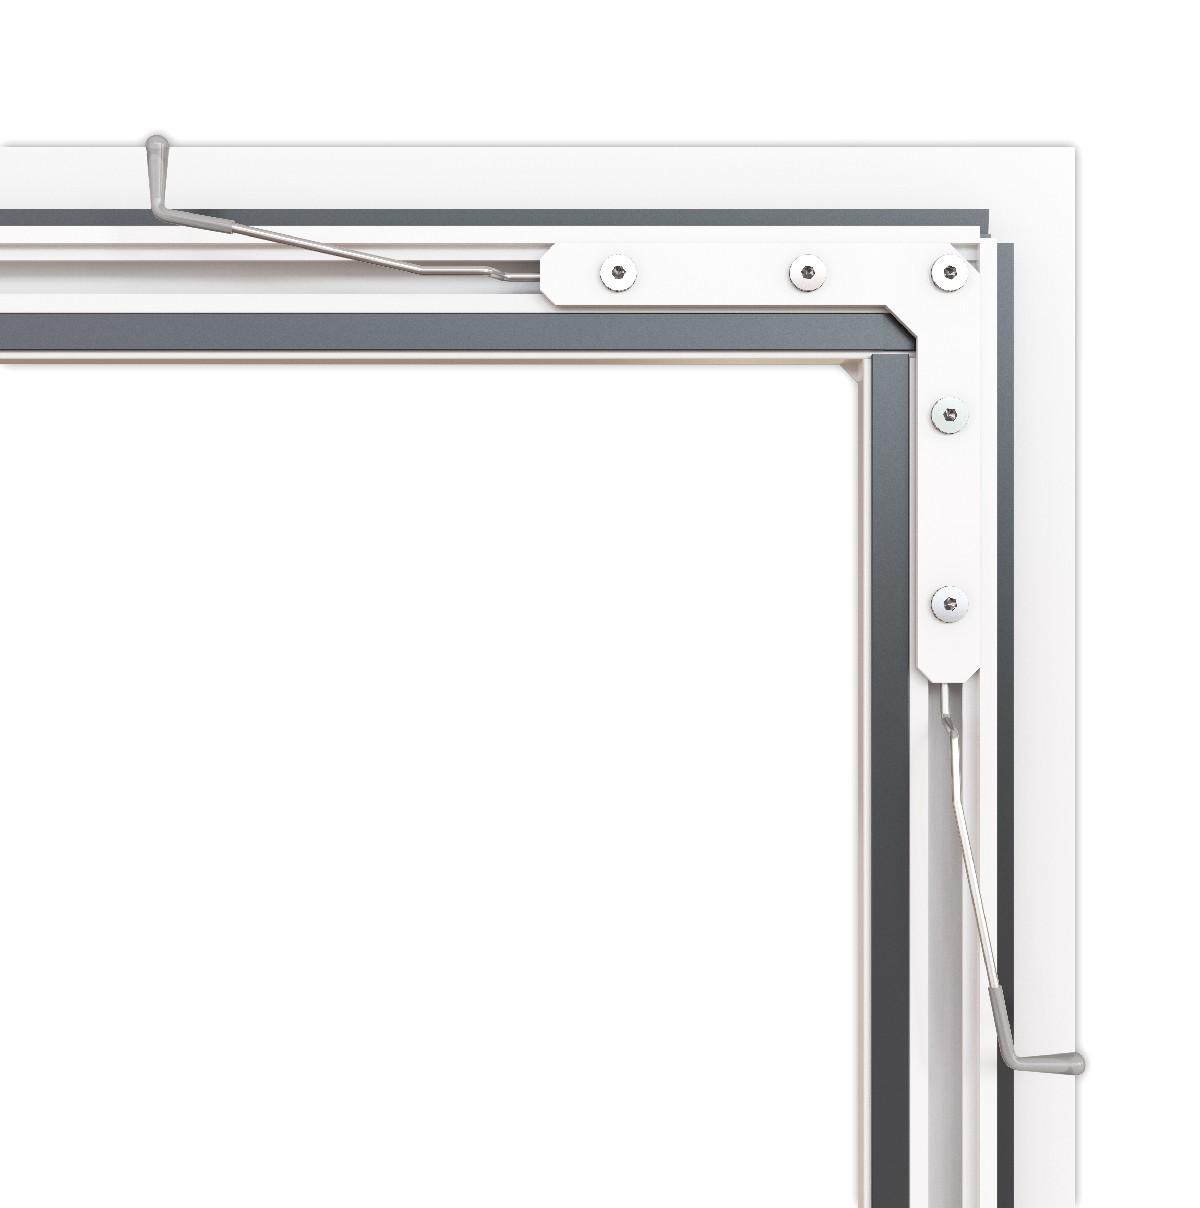 Full Size of Fenster Fliegengitter Kosten Neue Gebrauchte Kaufen Sichtschutzfolien Für Aluminium Rc 2 Dampfreiniger Flachdach Sichtschutz Sicherheitsbeschläge Fenster Fliegengitter Fenster